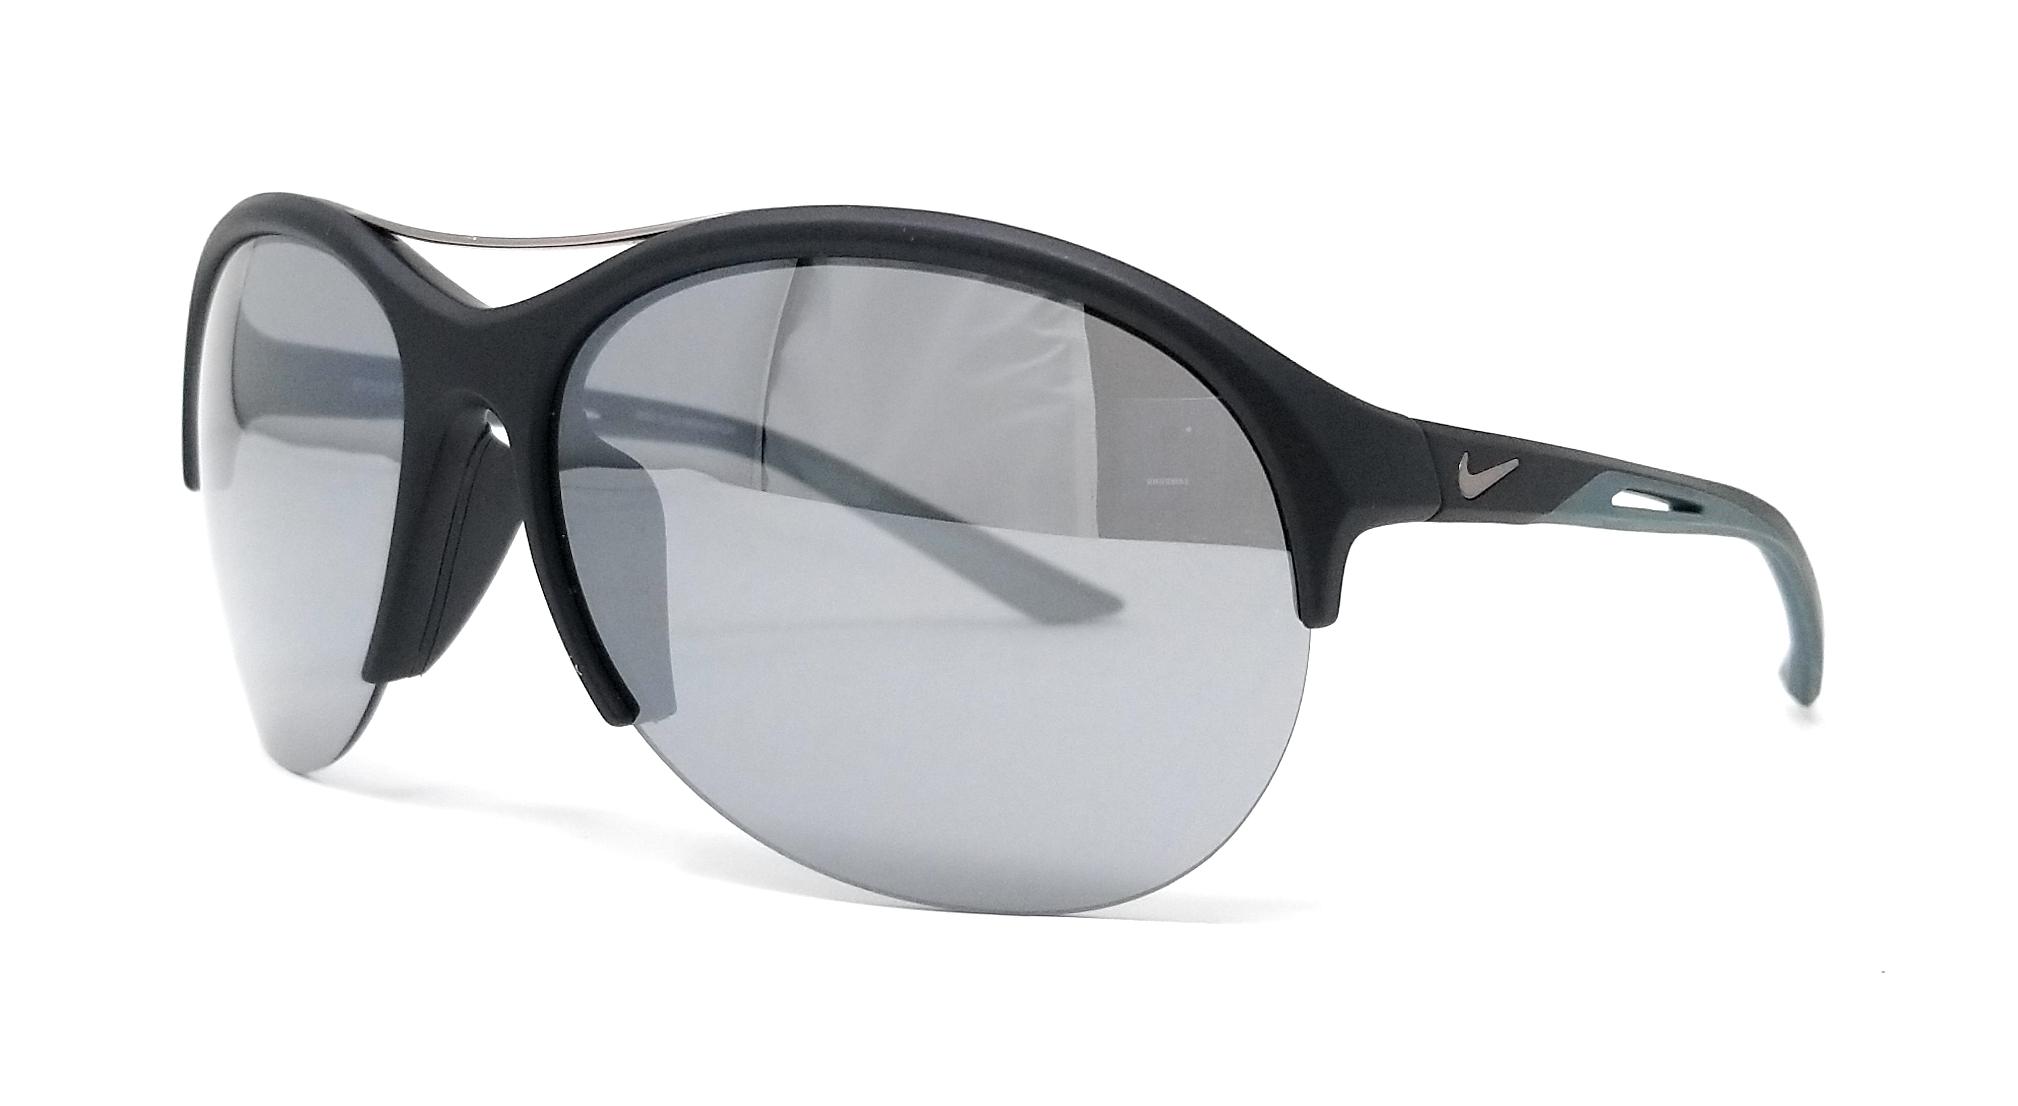 c2de097937ae8 Details about NIKE Sunglasses FLEX MOMENTUM EV1019 002 Matte Black Oval  66x15x130